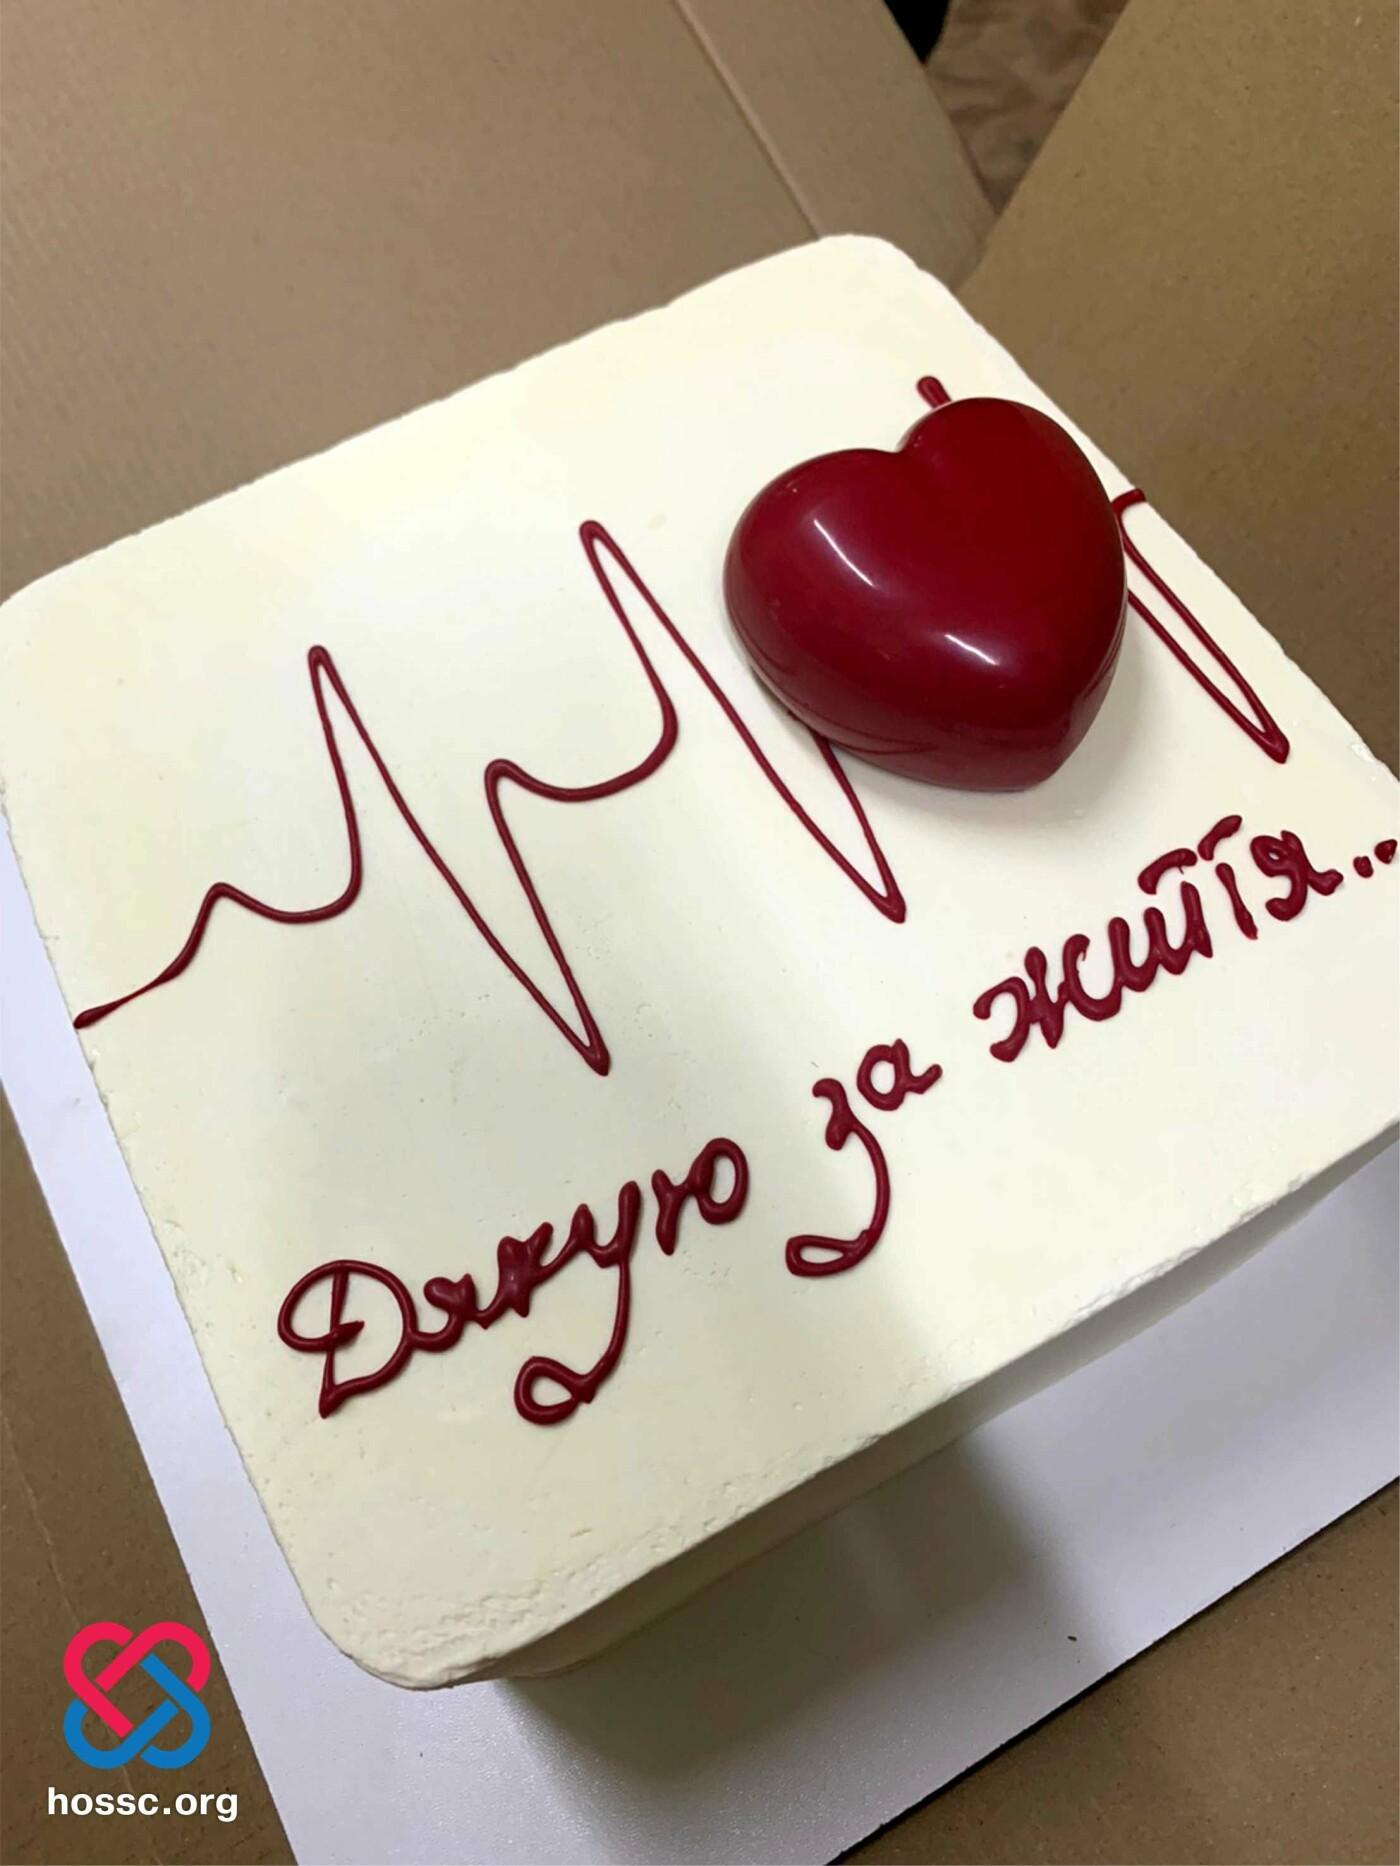 Кам'янець-Подільському відділенню інвазивної кардіології та інтервенційної радіології - 2 роки, фото-1, Фото: КНП ХОССЦ